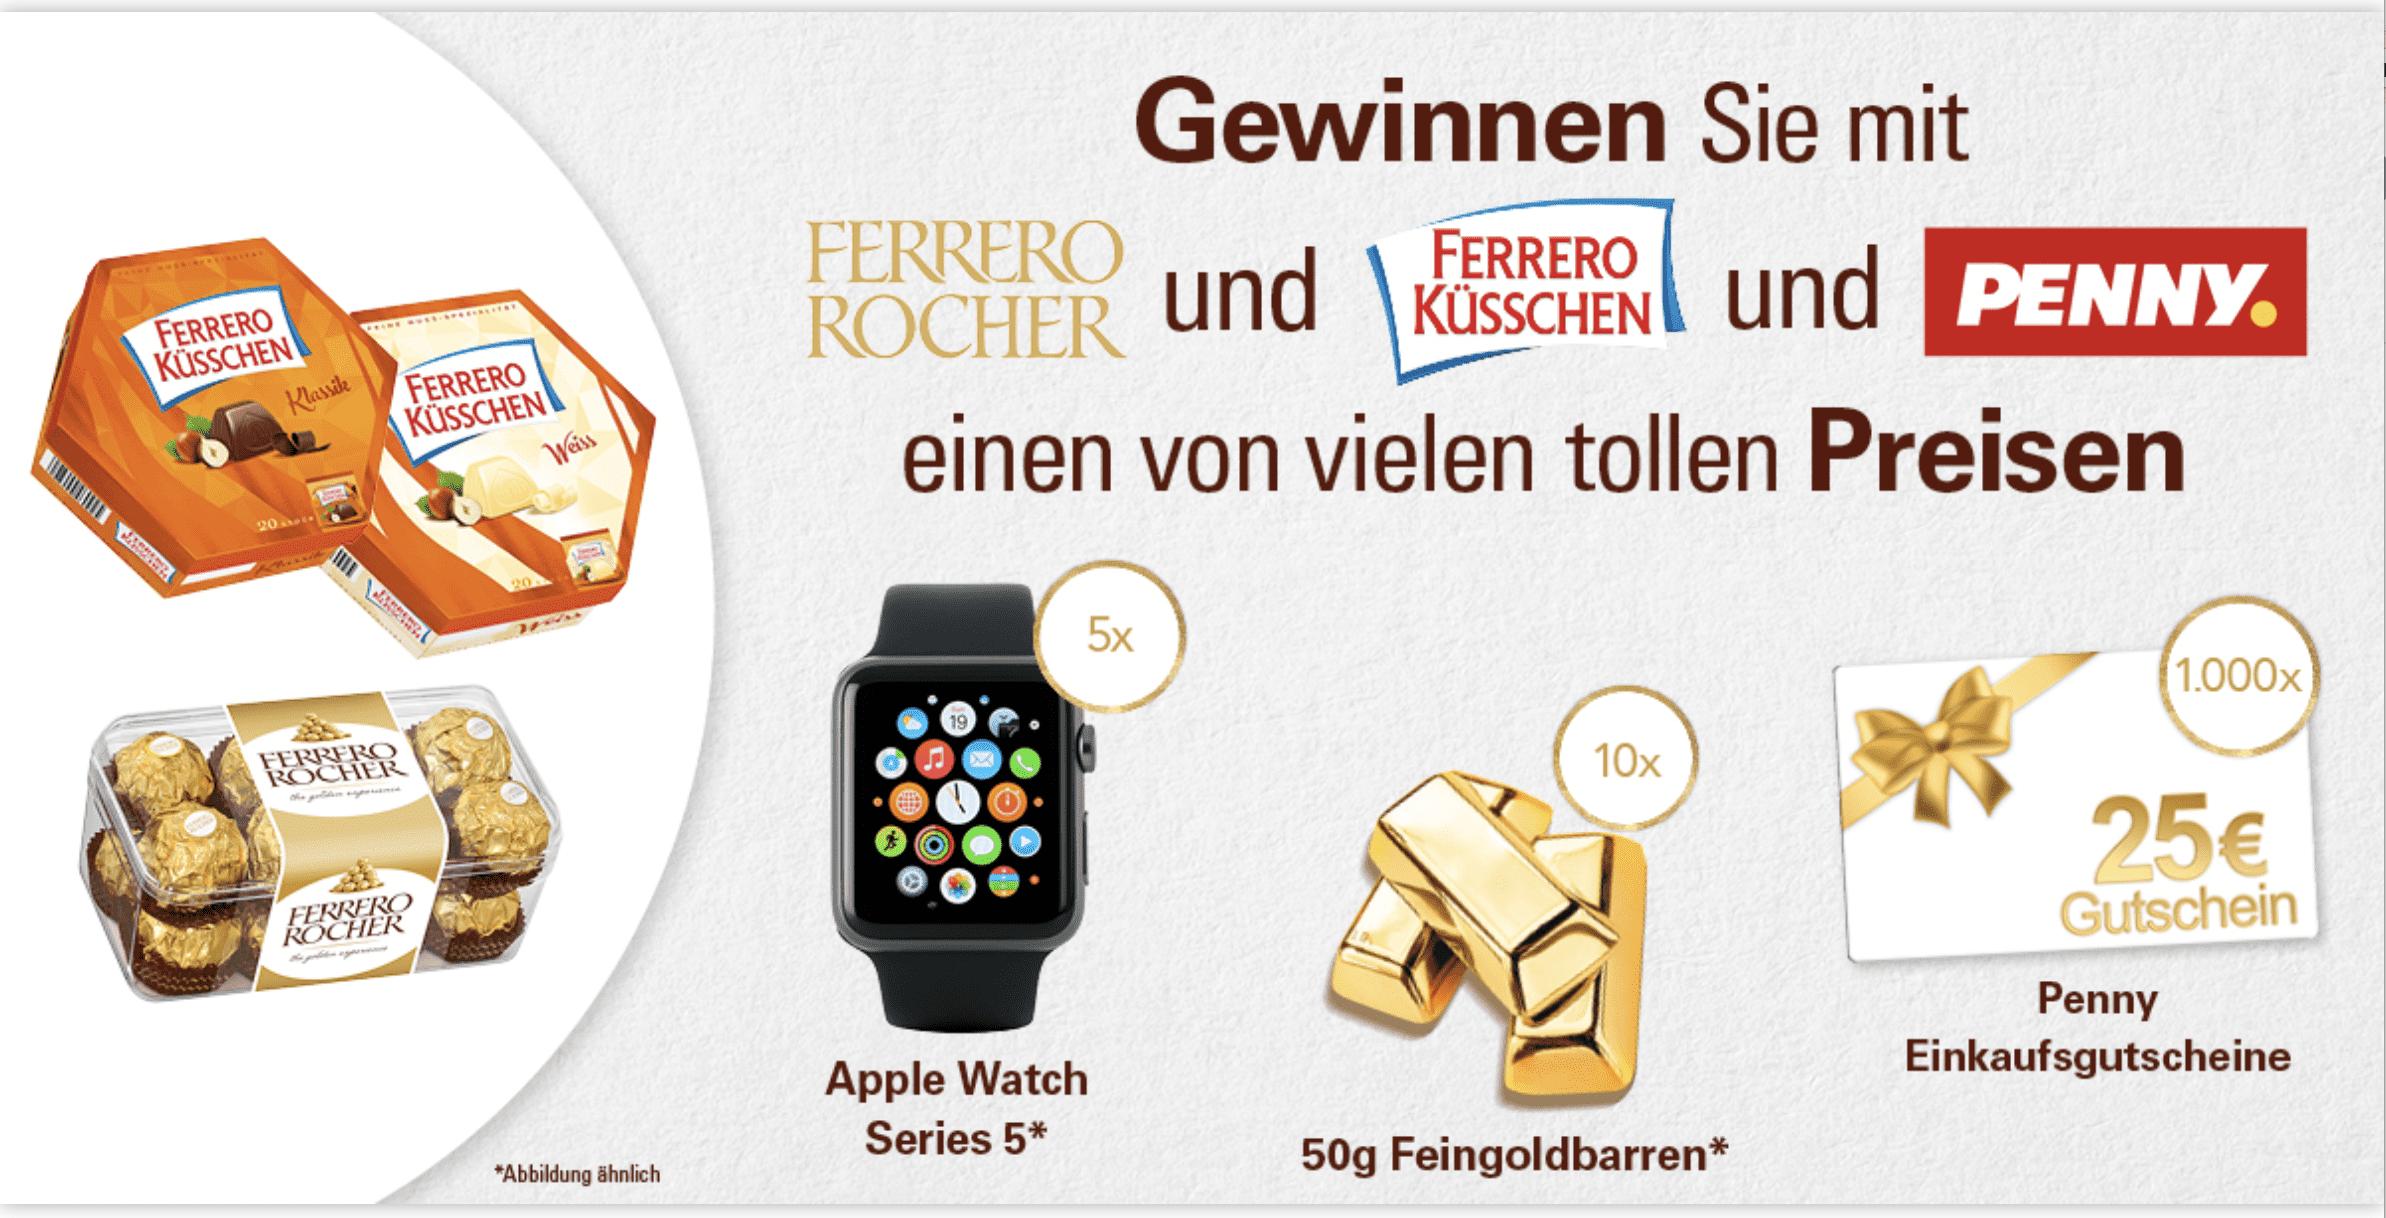 Ferrero-Gewinnspiel Gewinnspiel- Cases FMCG Süßwaren & Snacks